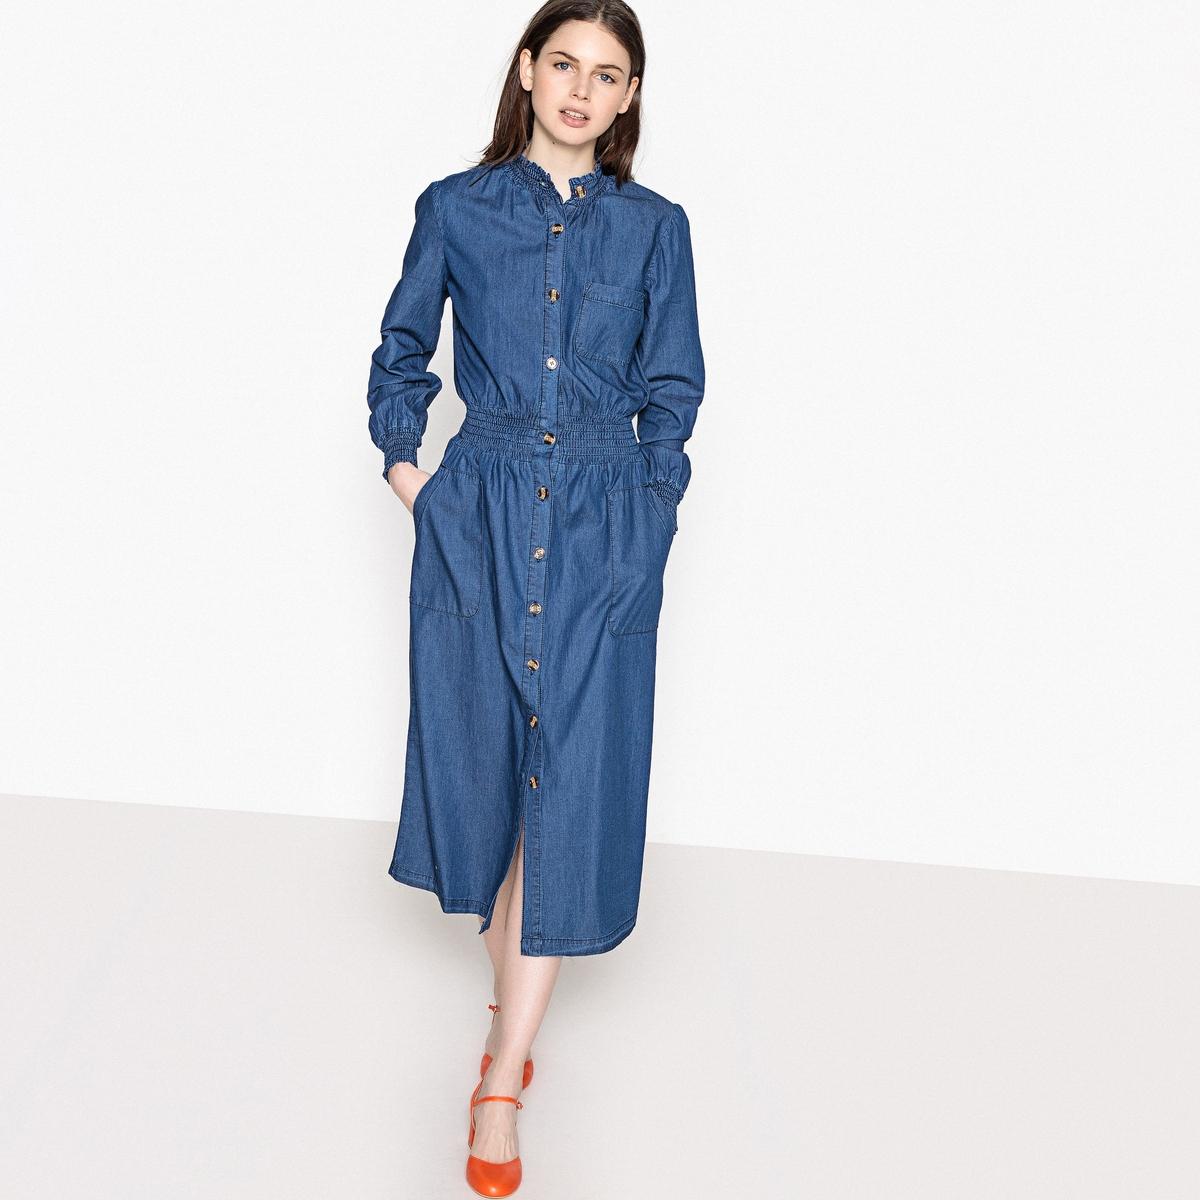 Платье со складками из денима с застежкой на пуговицы на поясе спереди бейсболка new era k1x simple type wool 59 50 newera black heather